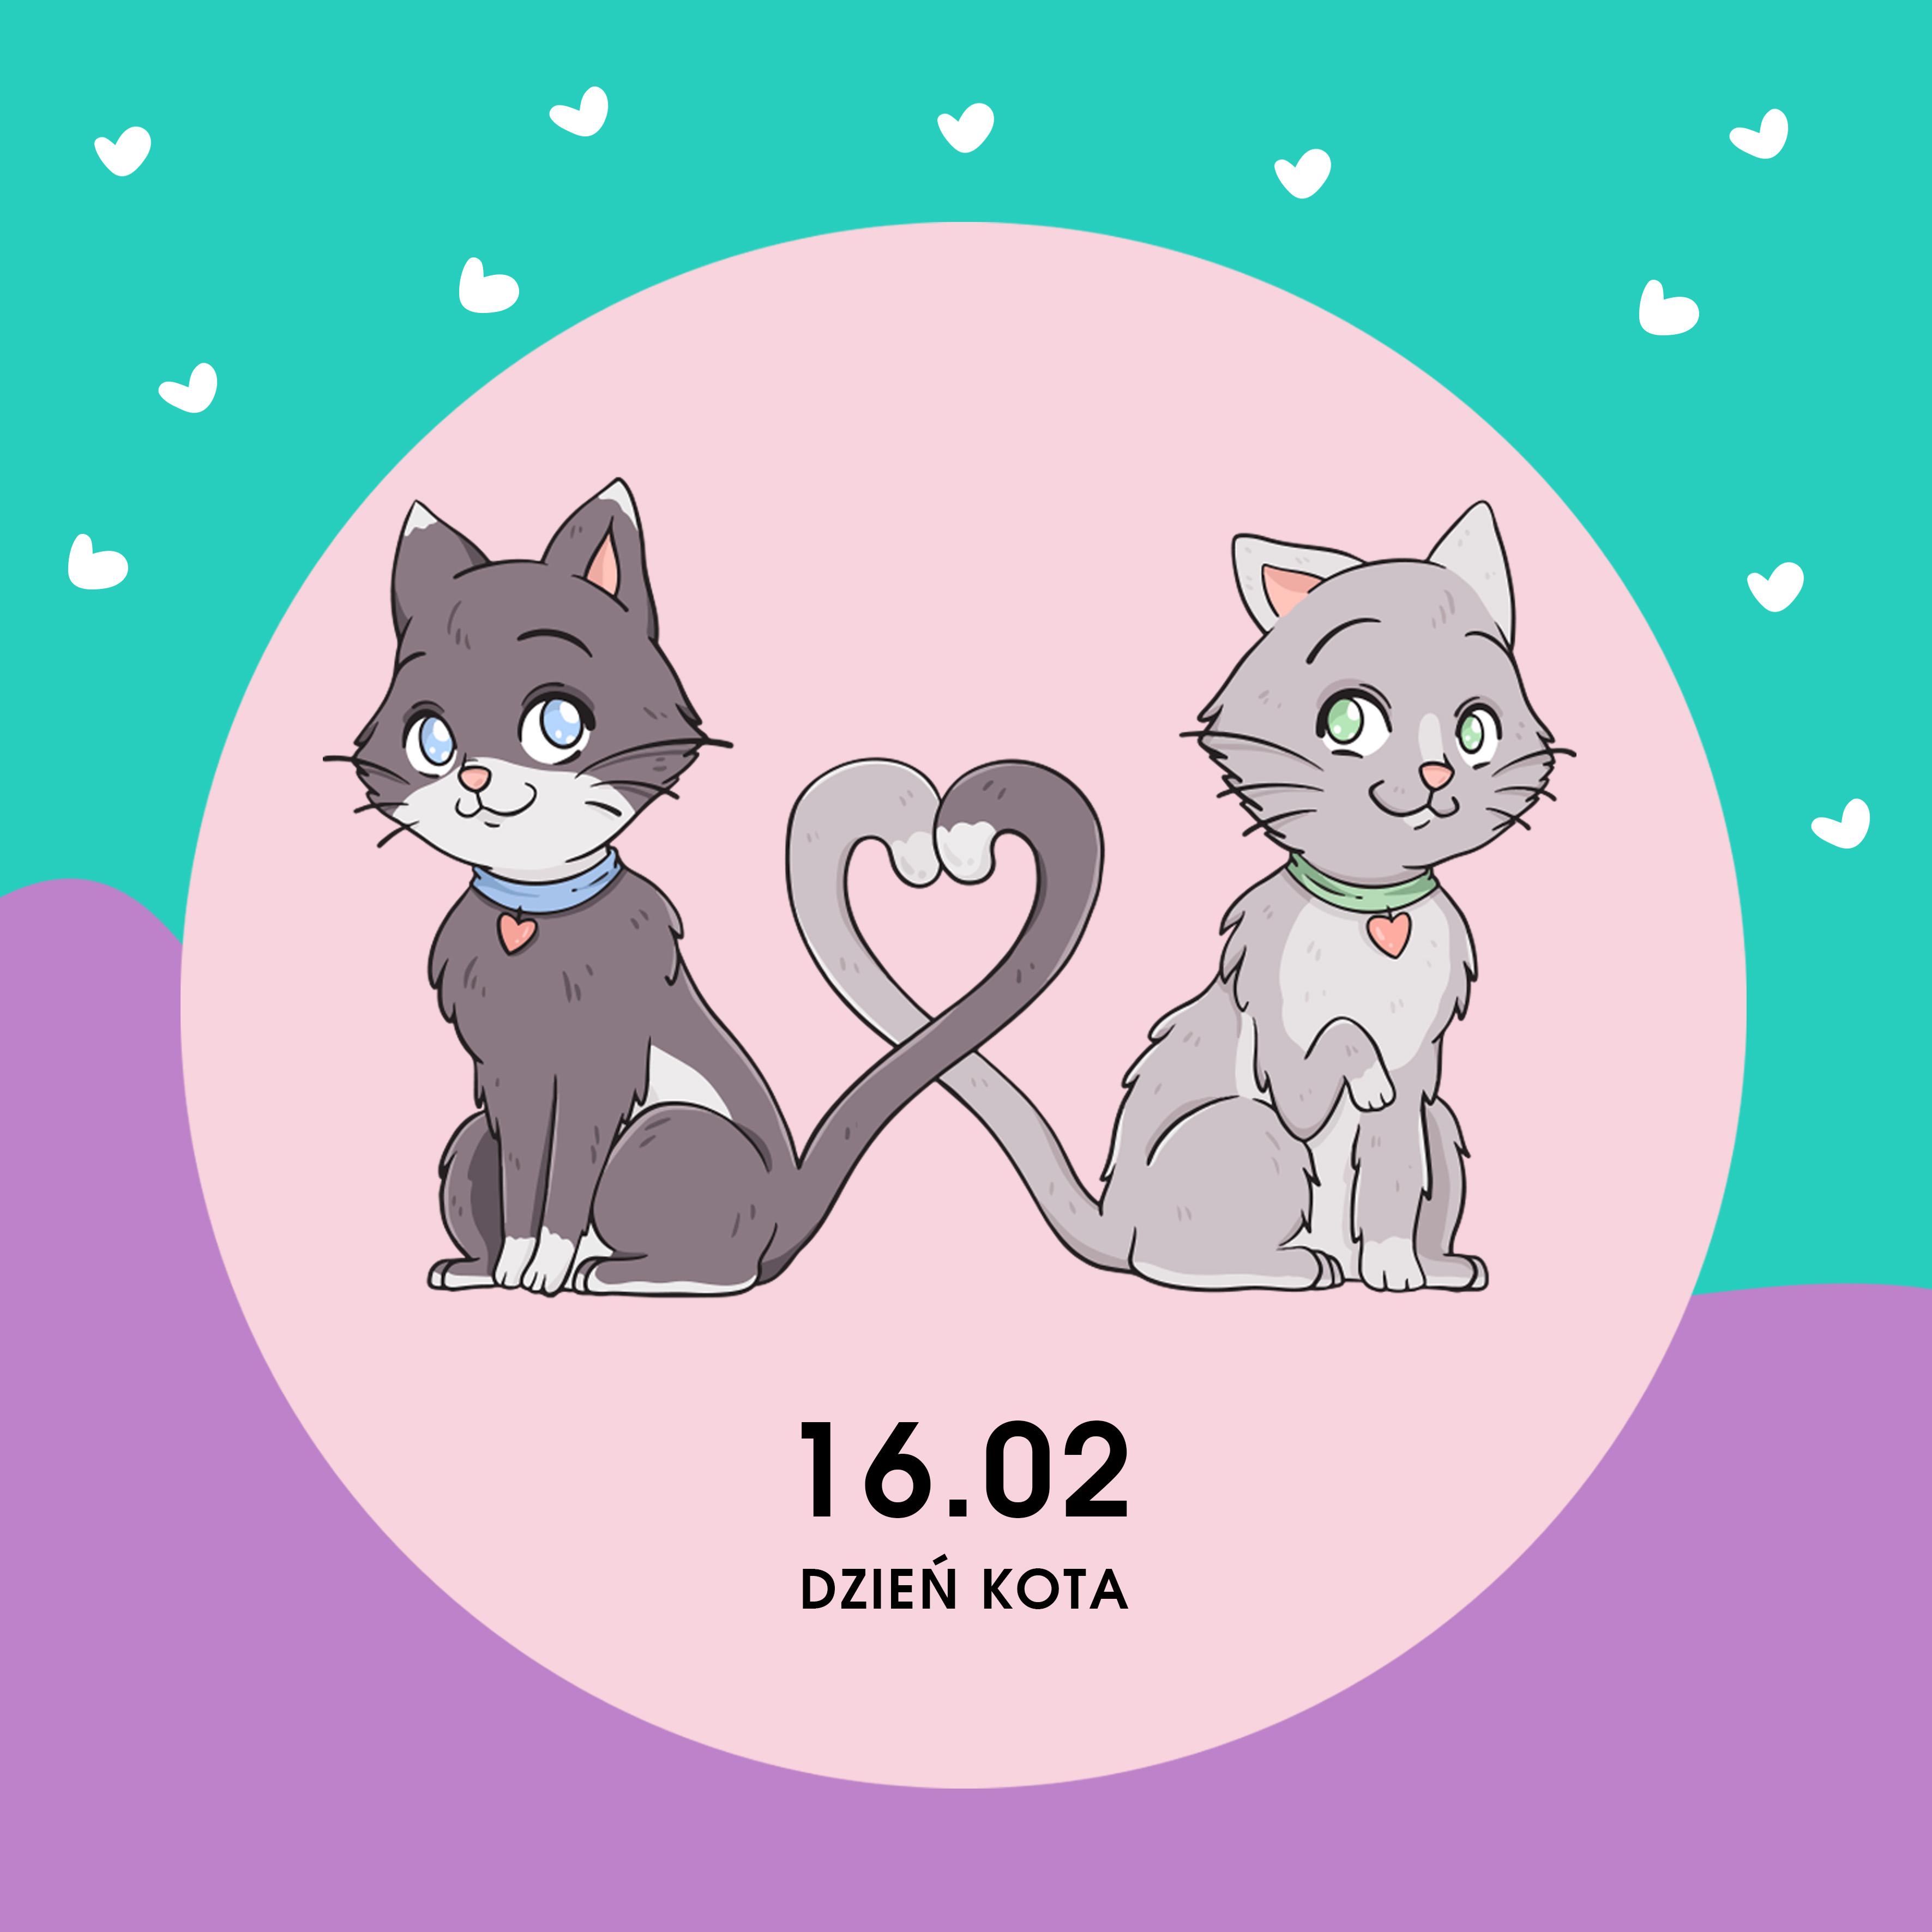 1-22.02 Zbieramy dary dla kotów